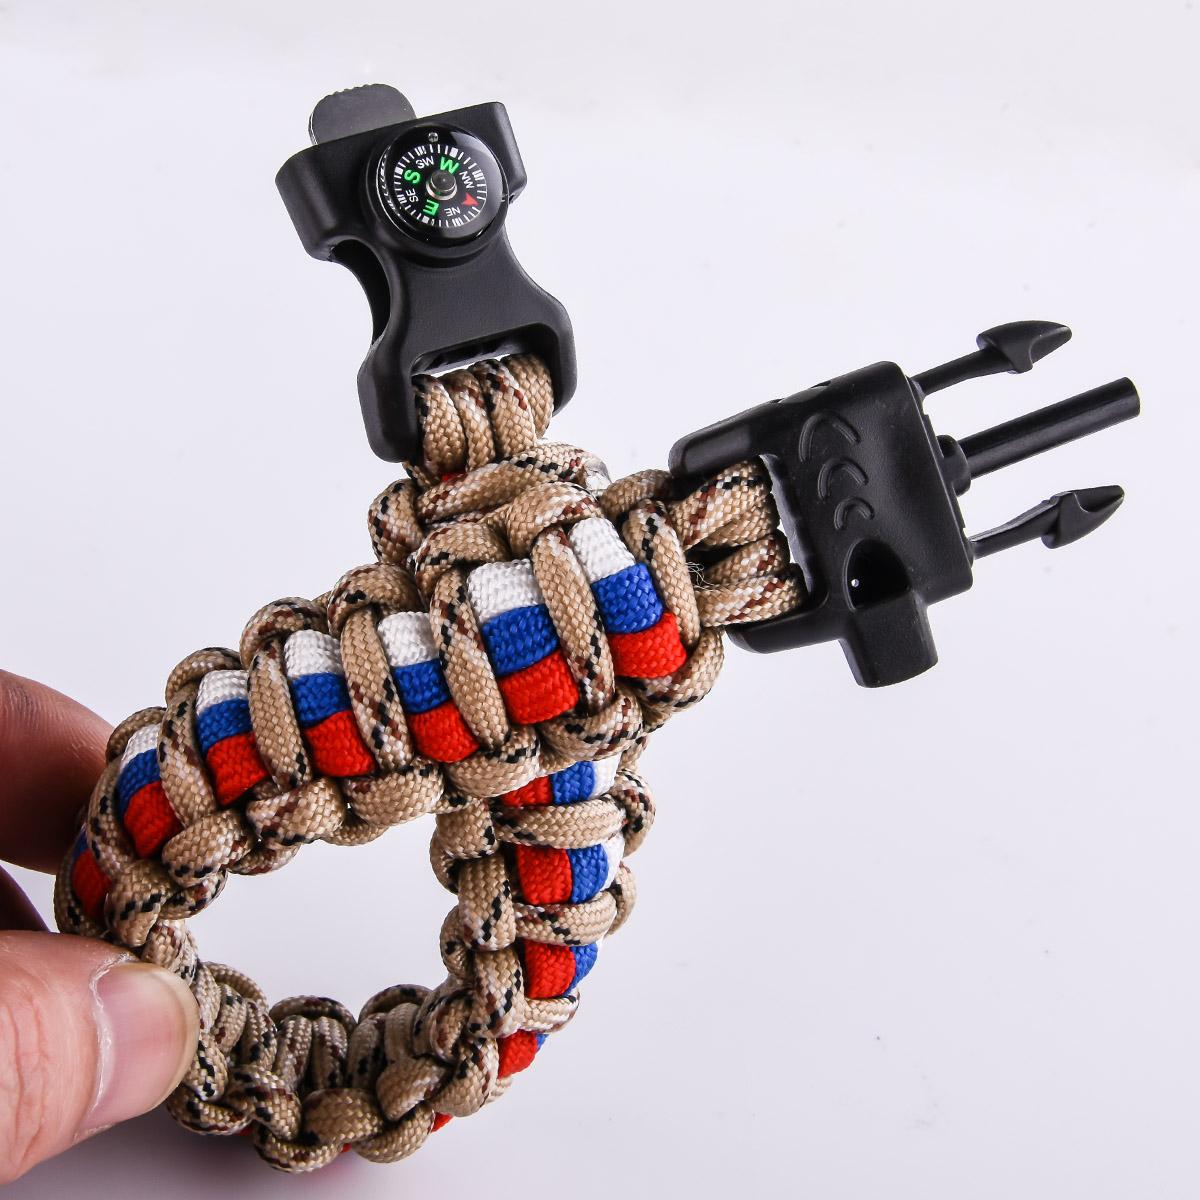 Недорогие плетеные браслеты из паракордового шнура